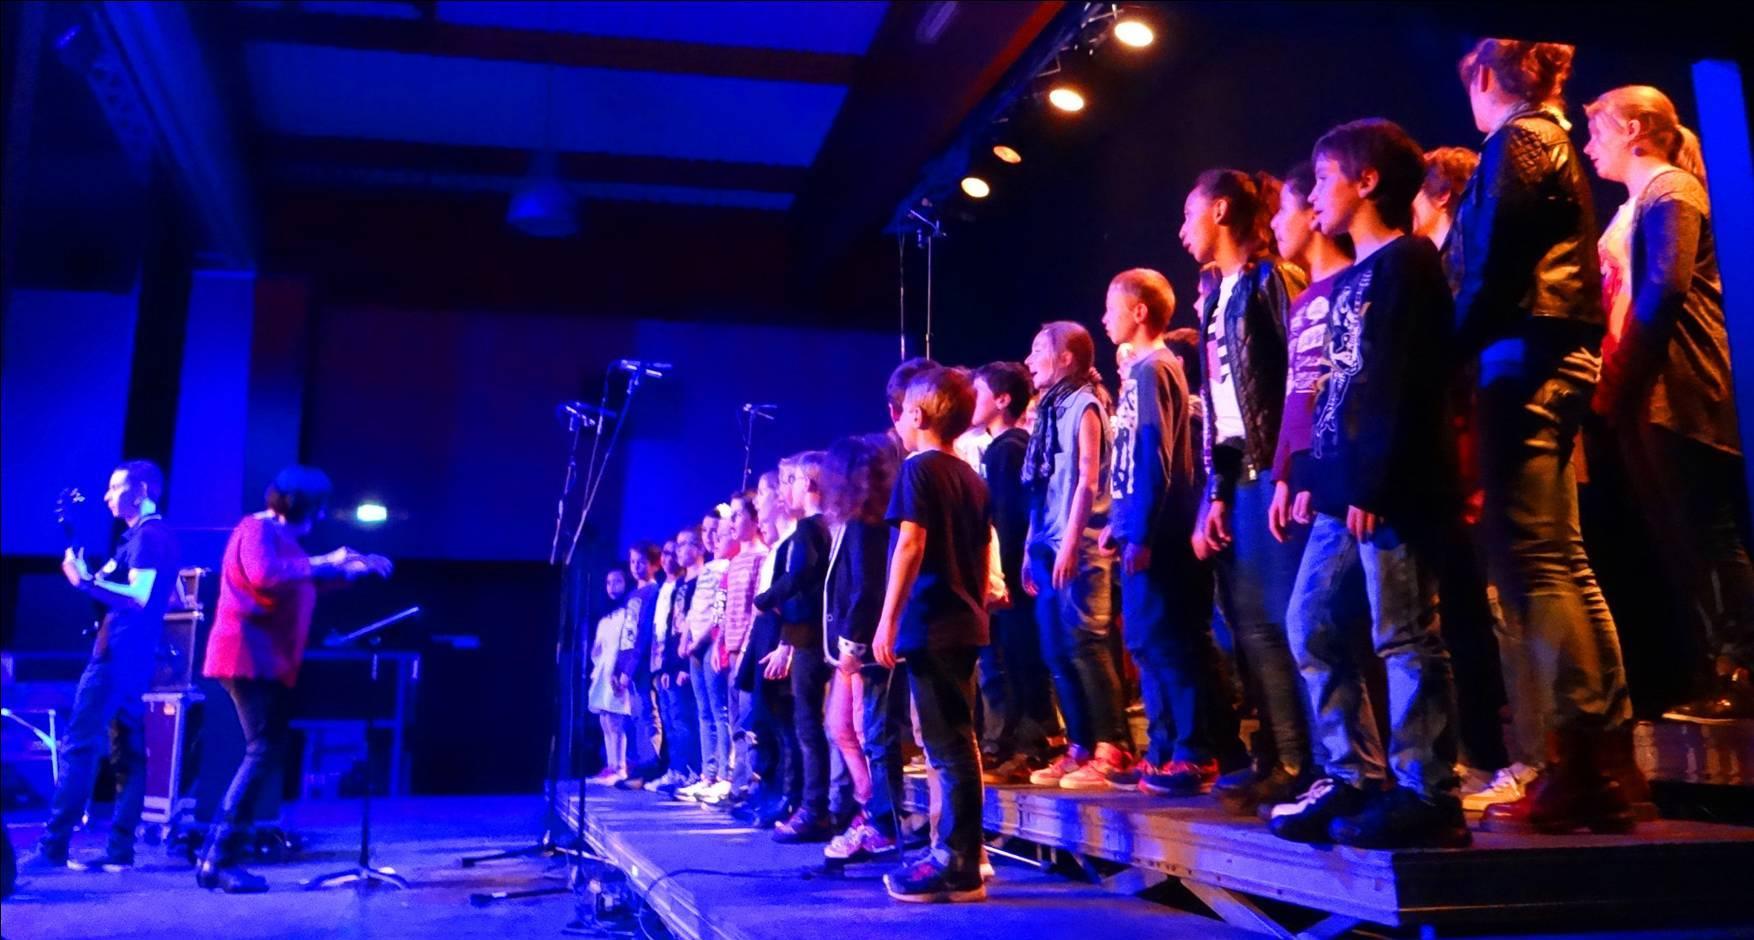 Concert Rock 13.jpg